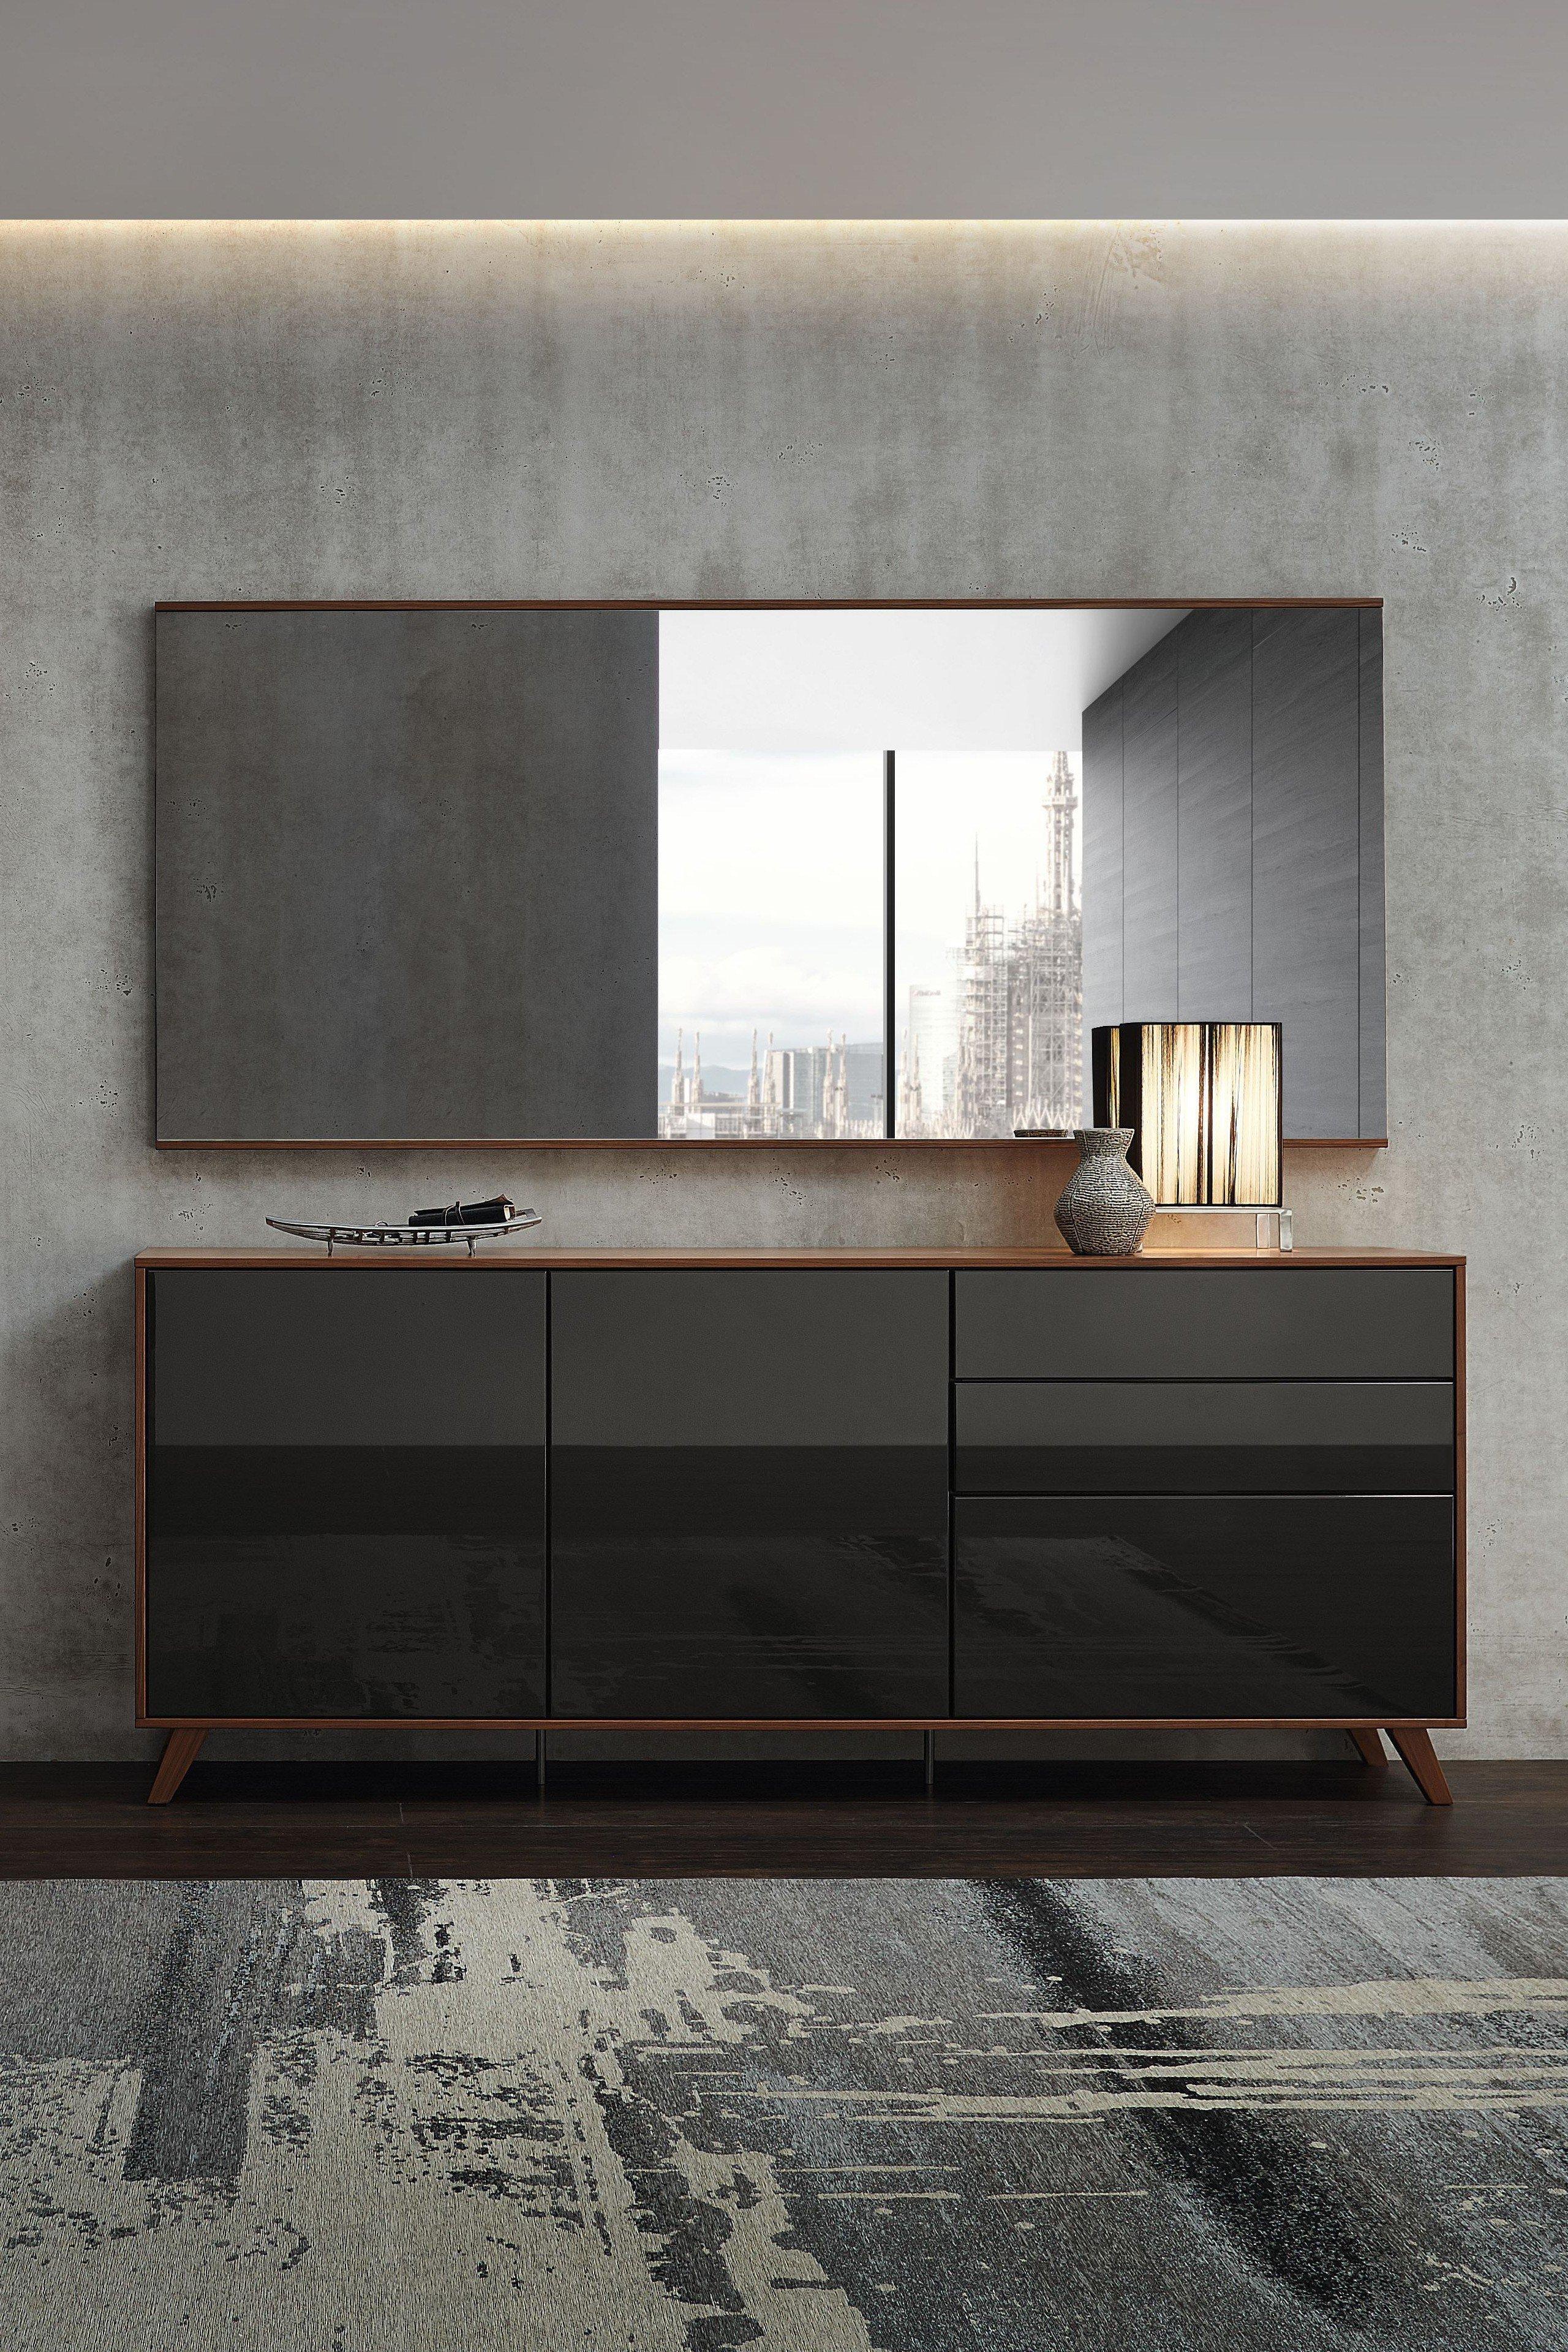 Deviso von Rietberger - Garderobe in Nussbaum nova/ Lack graphit